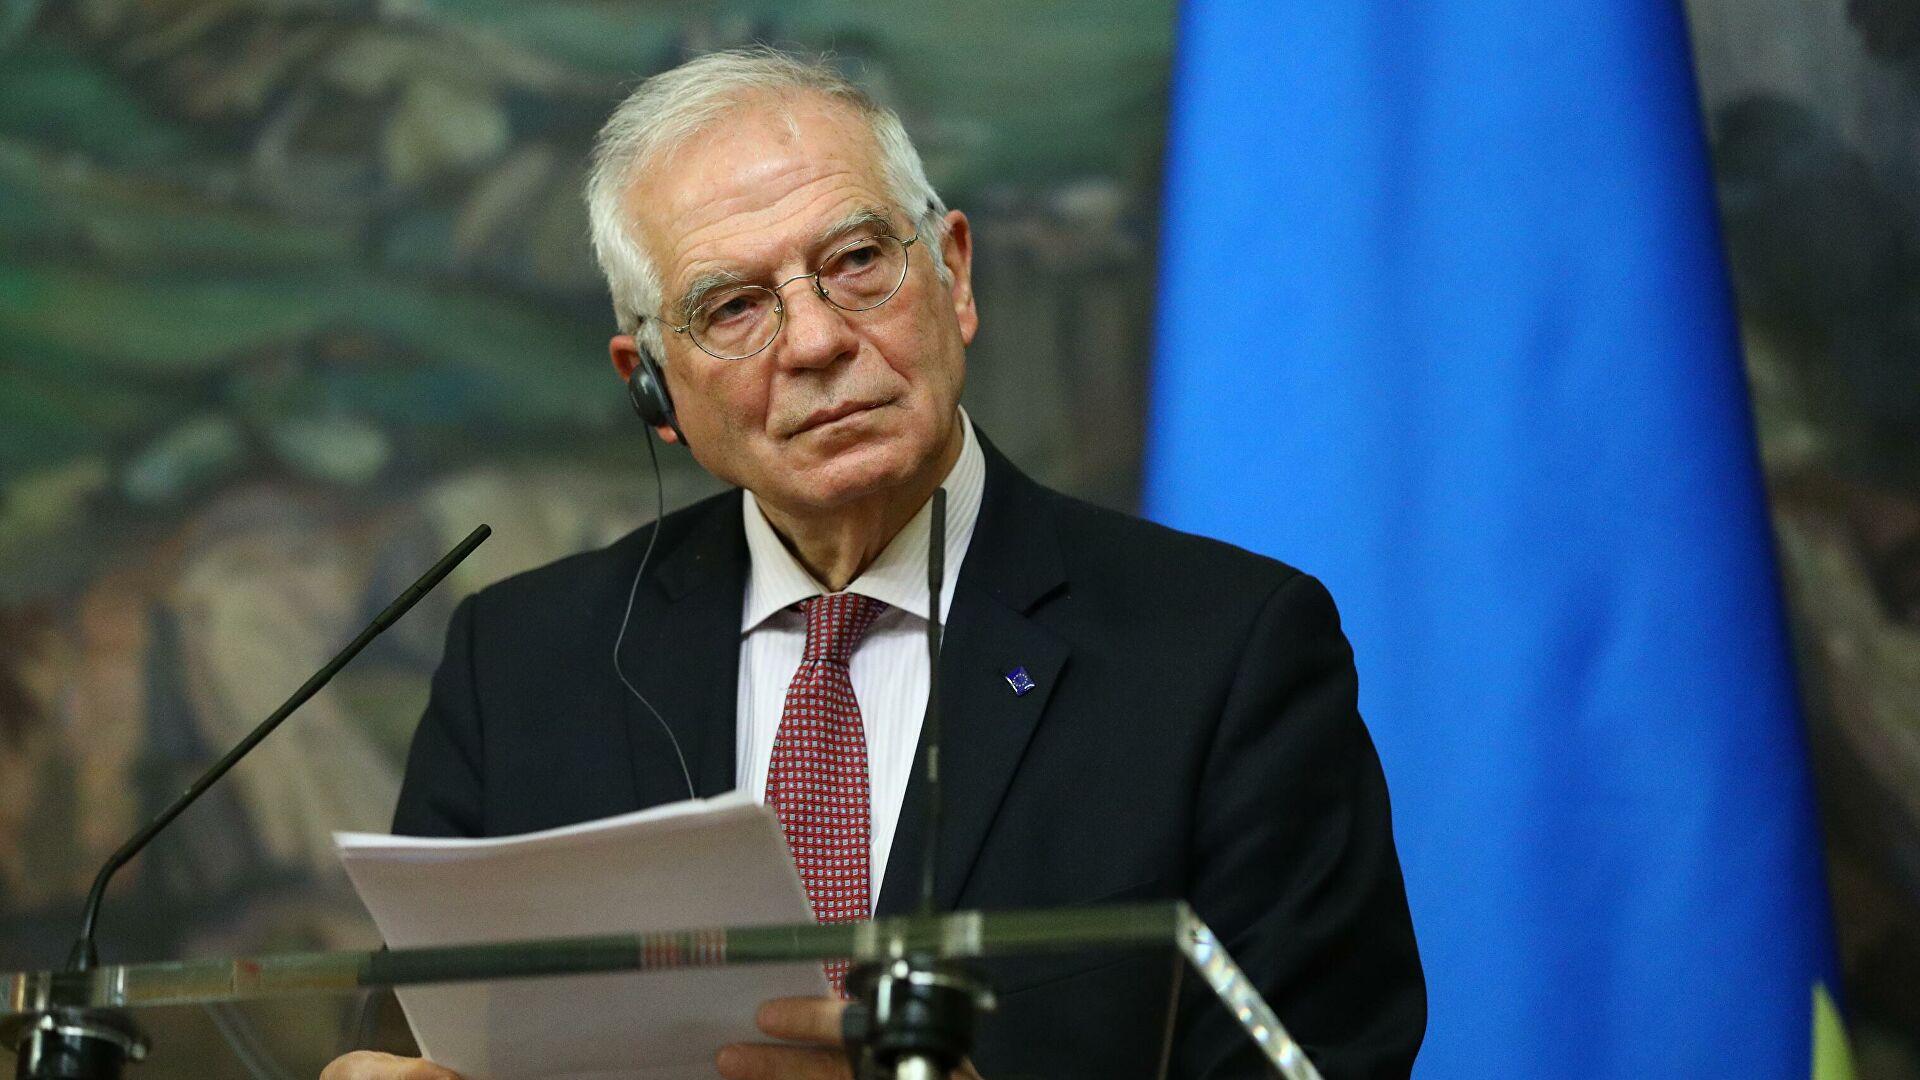 ЕУ: Намеравамо да применимо нови режим санкције против Русије због кршења људских права